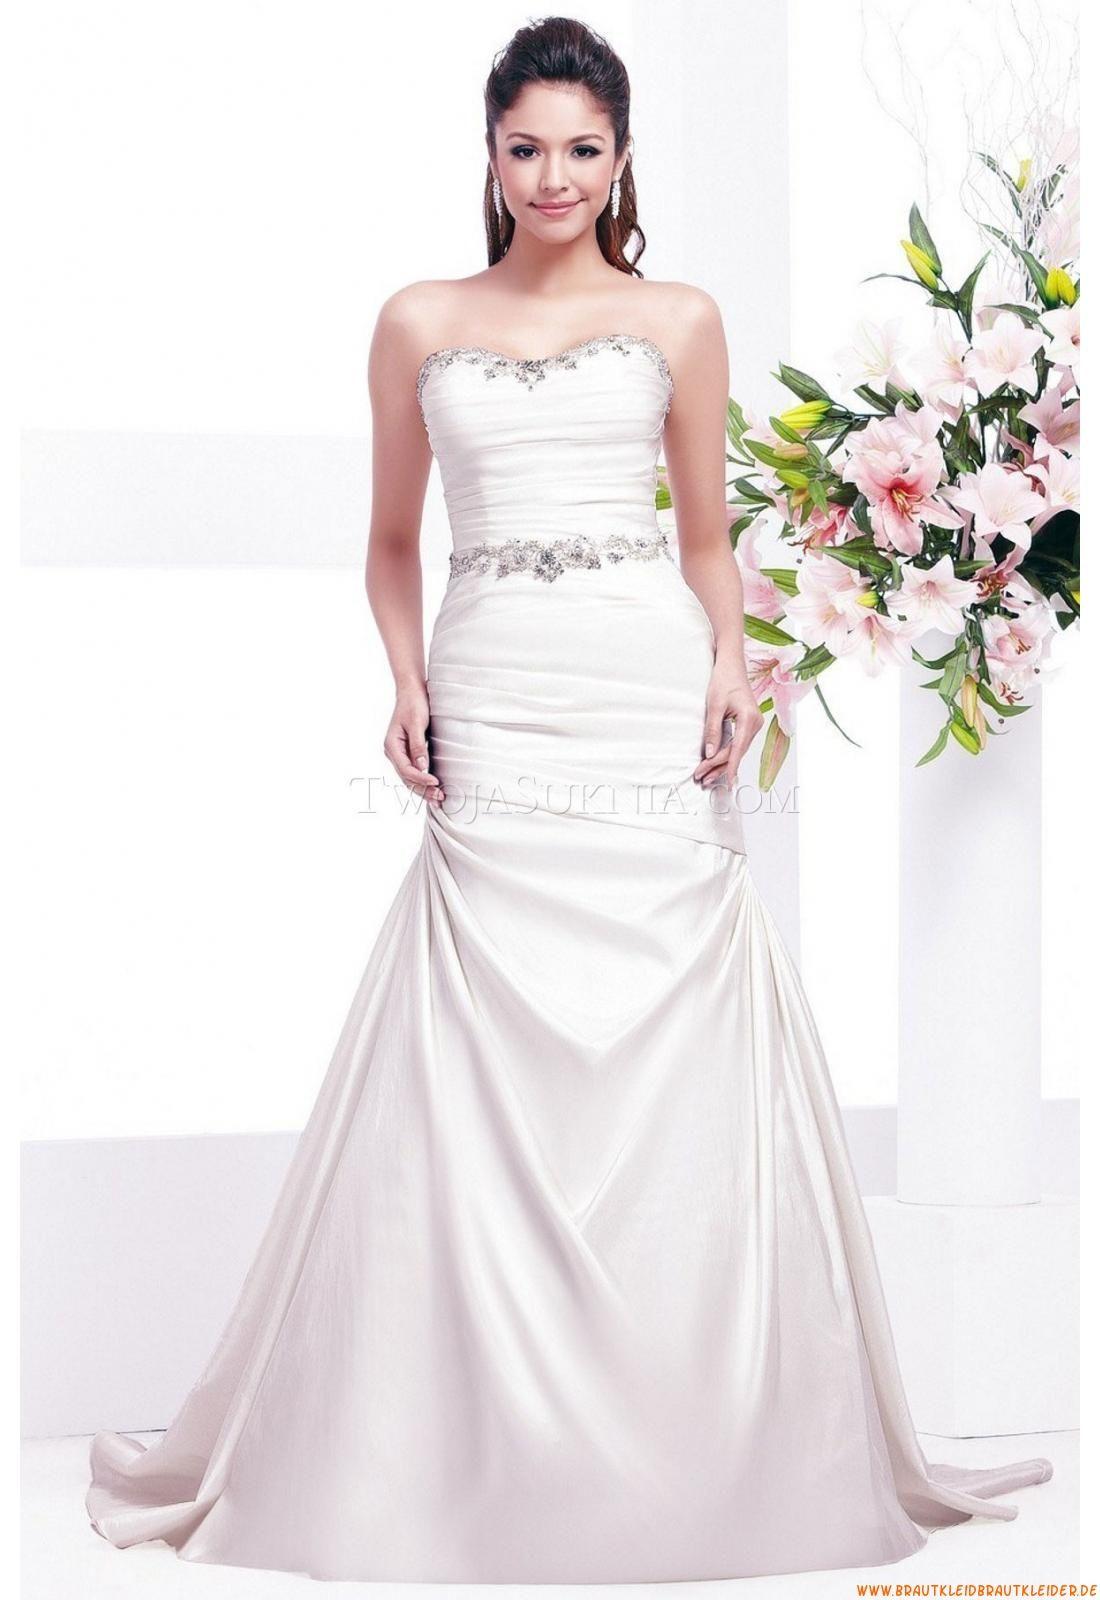 Herz-neck Bodenlang Einfach Schlichte Preiswerte Brautkleider ...